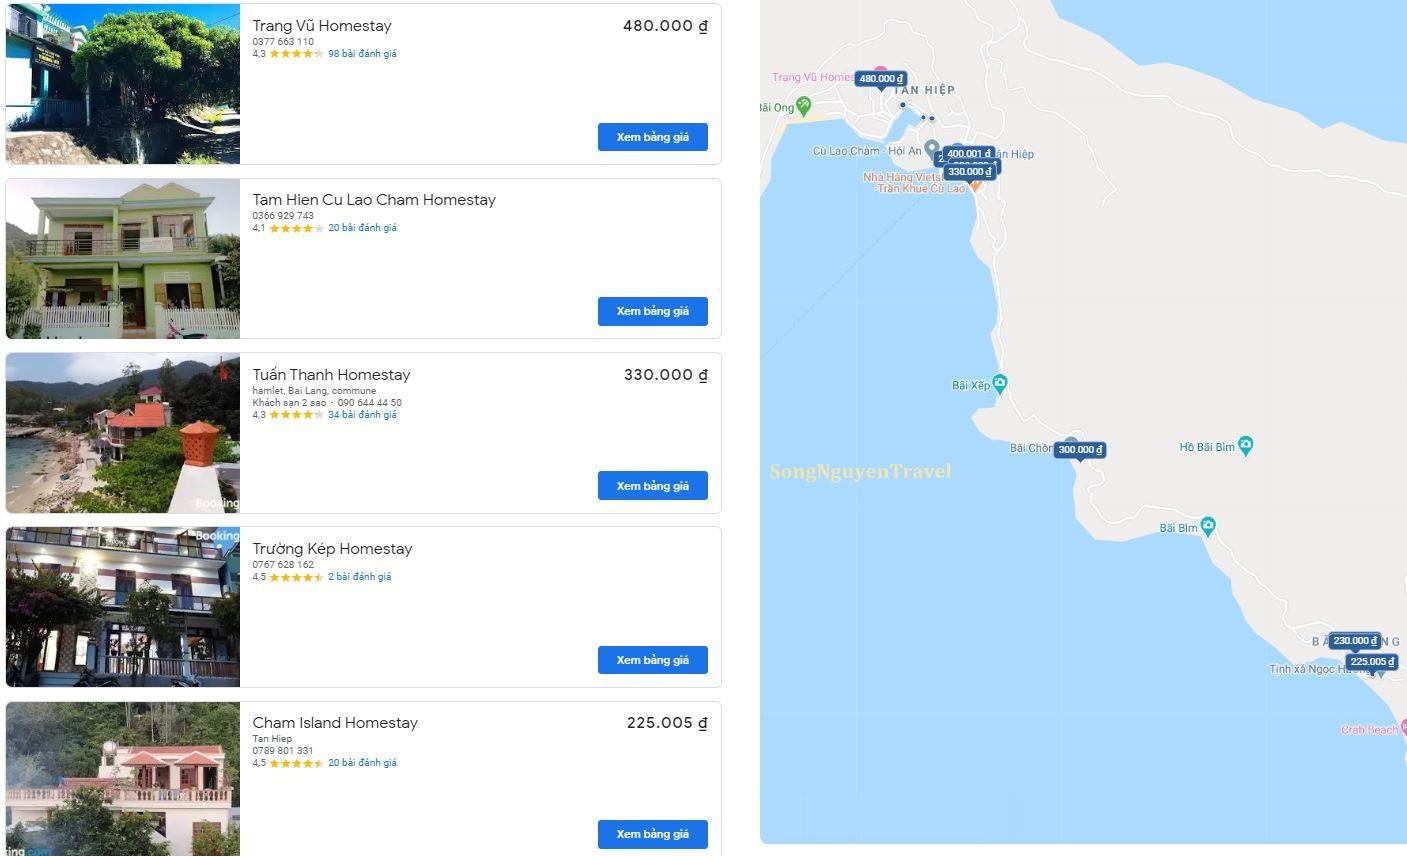 Bản đồ homestay tham quan Cù Lao Chàm - Hội An